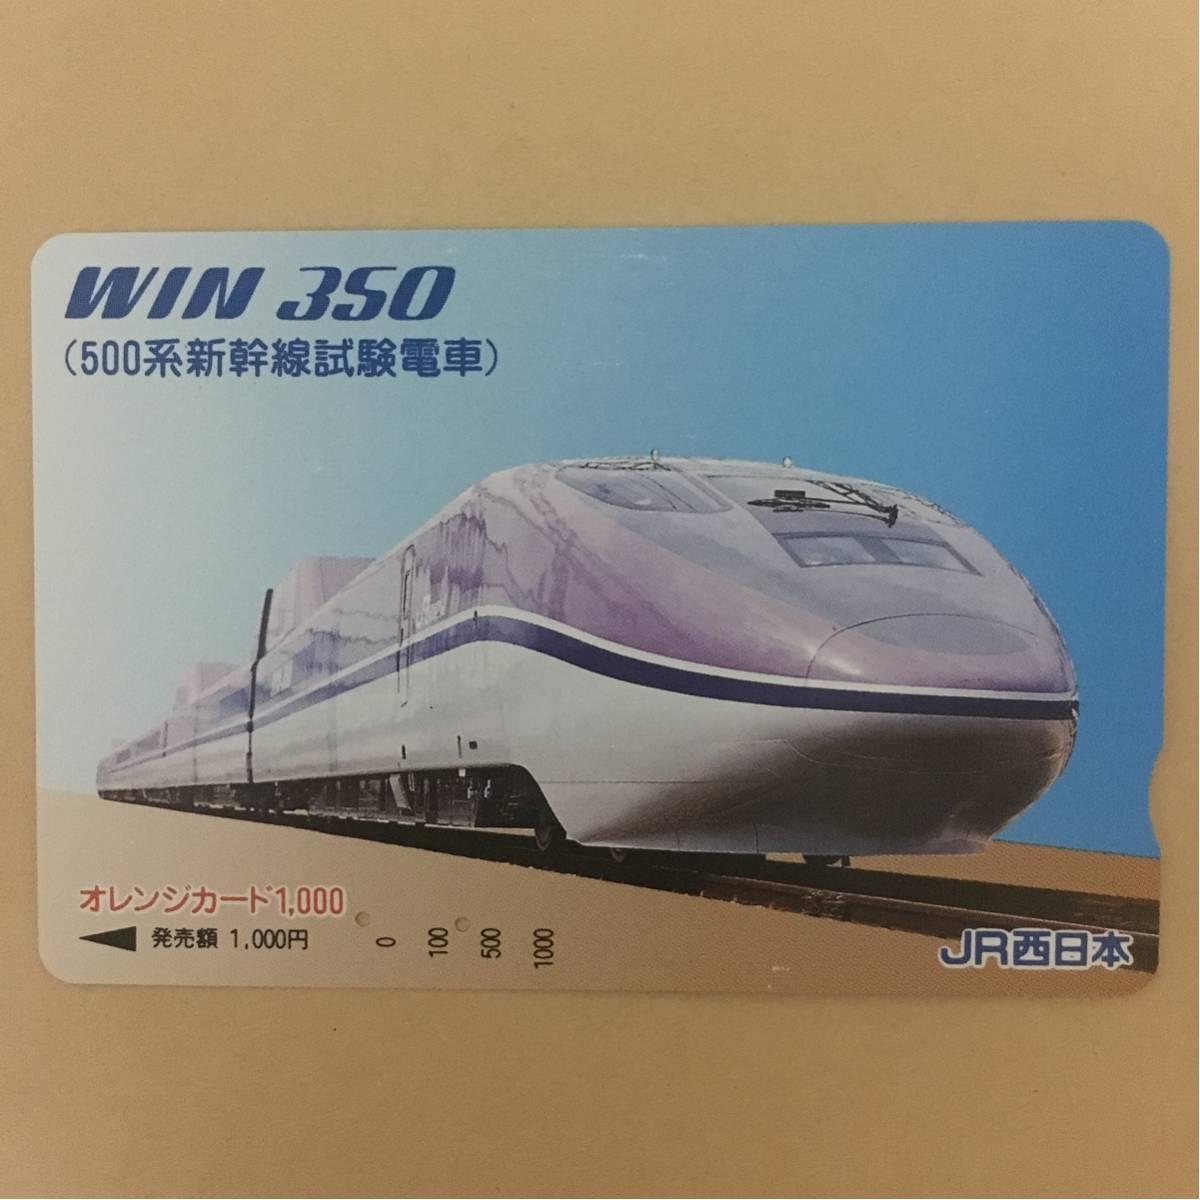 【使用済】 オレンジカード JR西日本 WIN350 (500系新幹線試験電車)_画像1